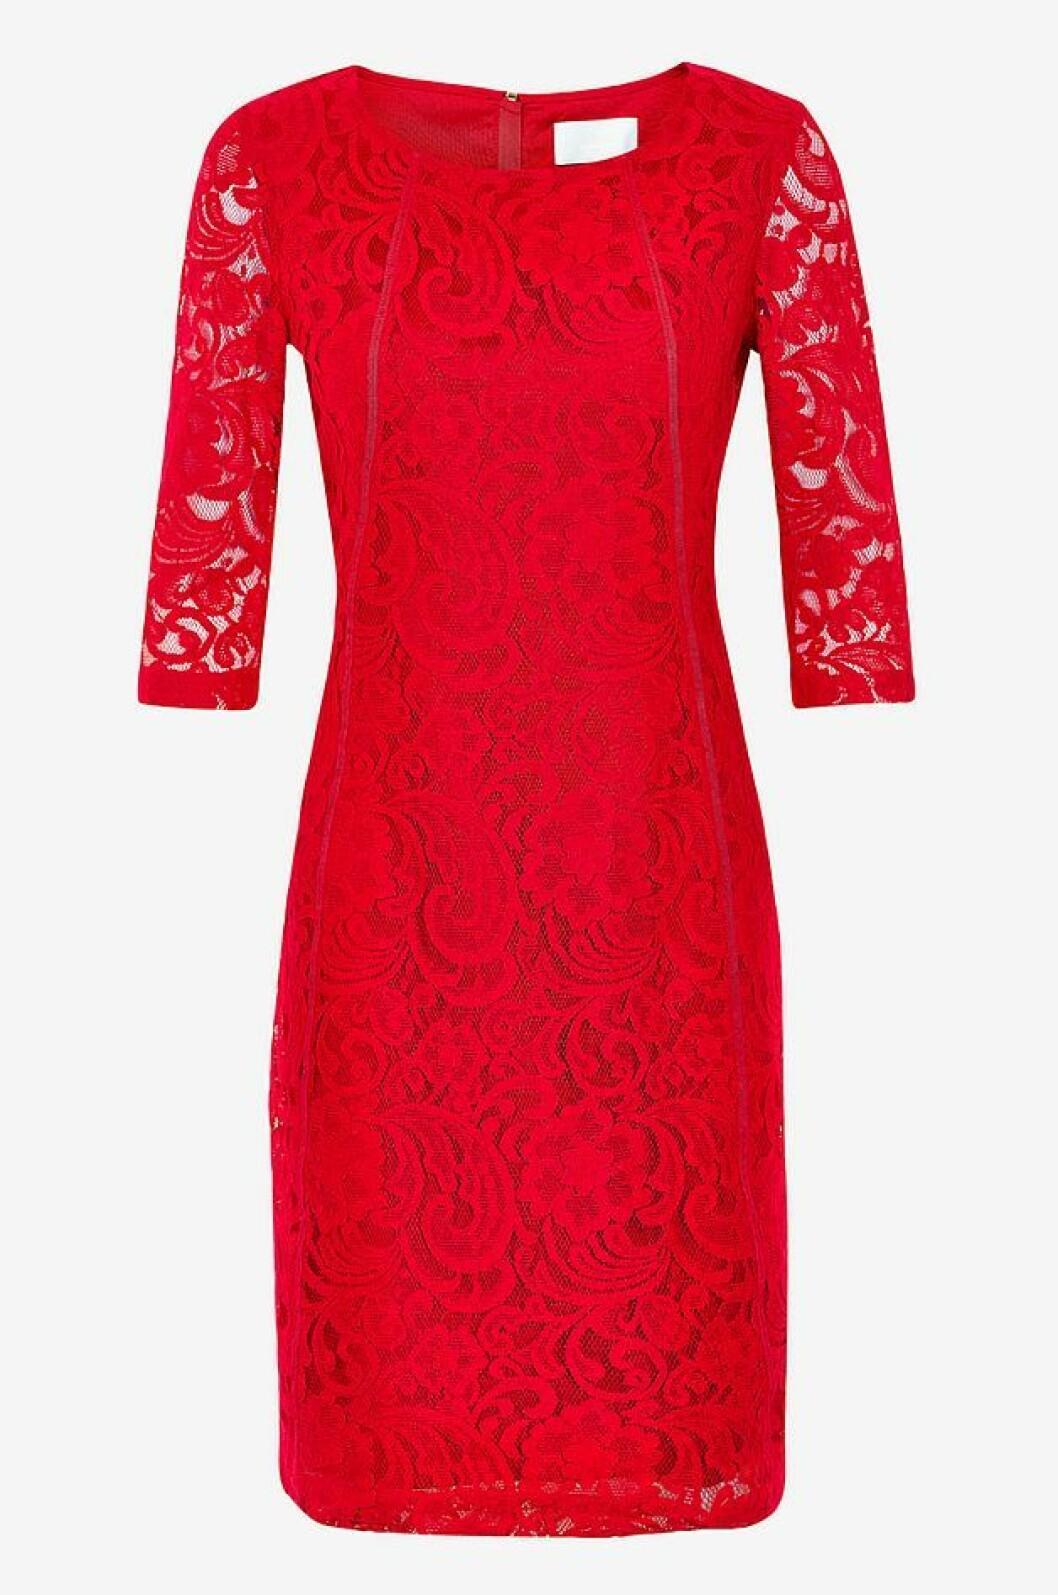 Röd spetsklänning